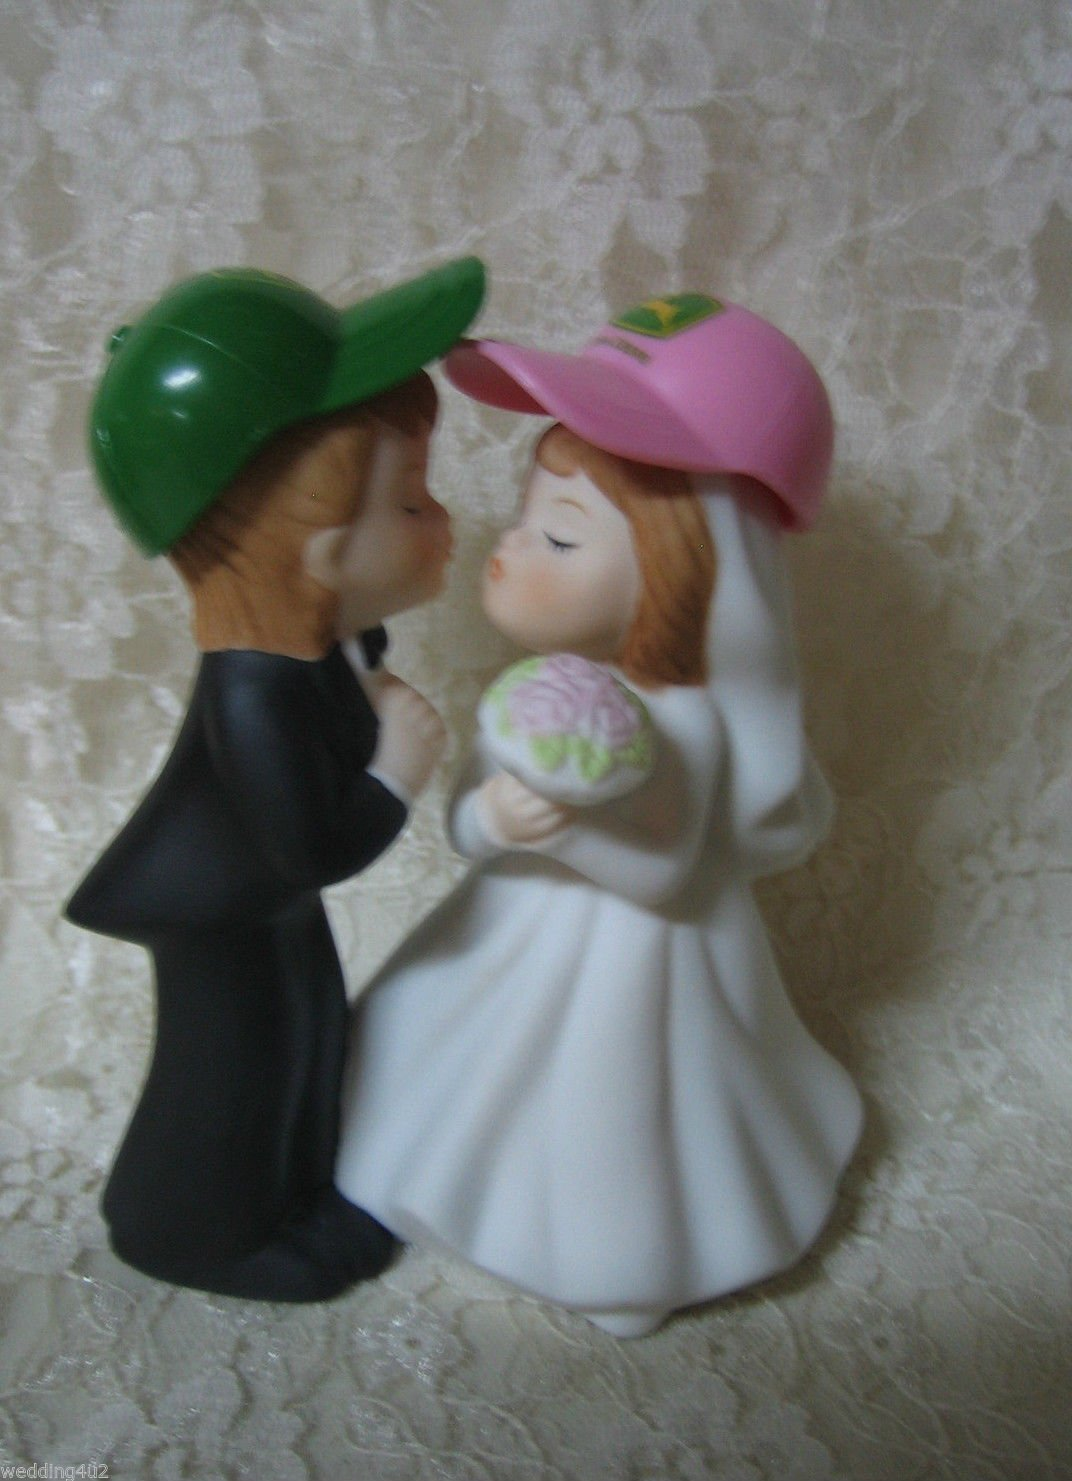 Wedding Farmer John Rancher Kissing Bride & Groom Cake Topper